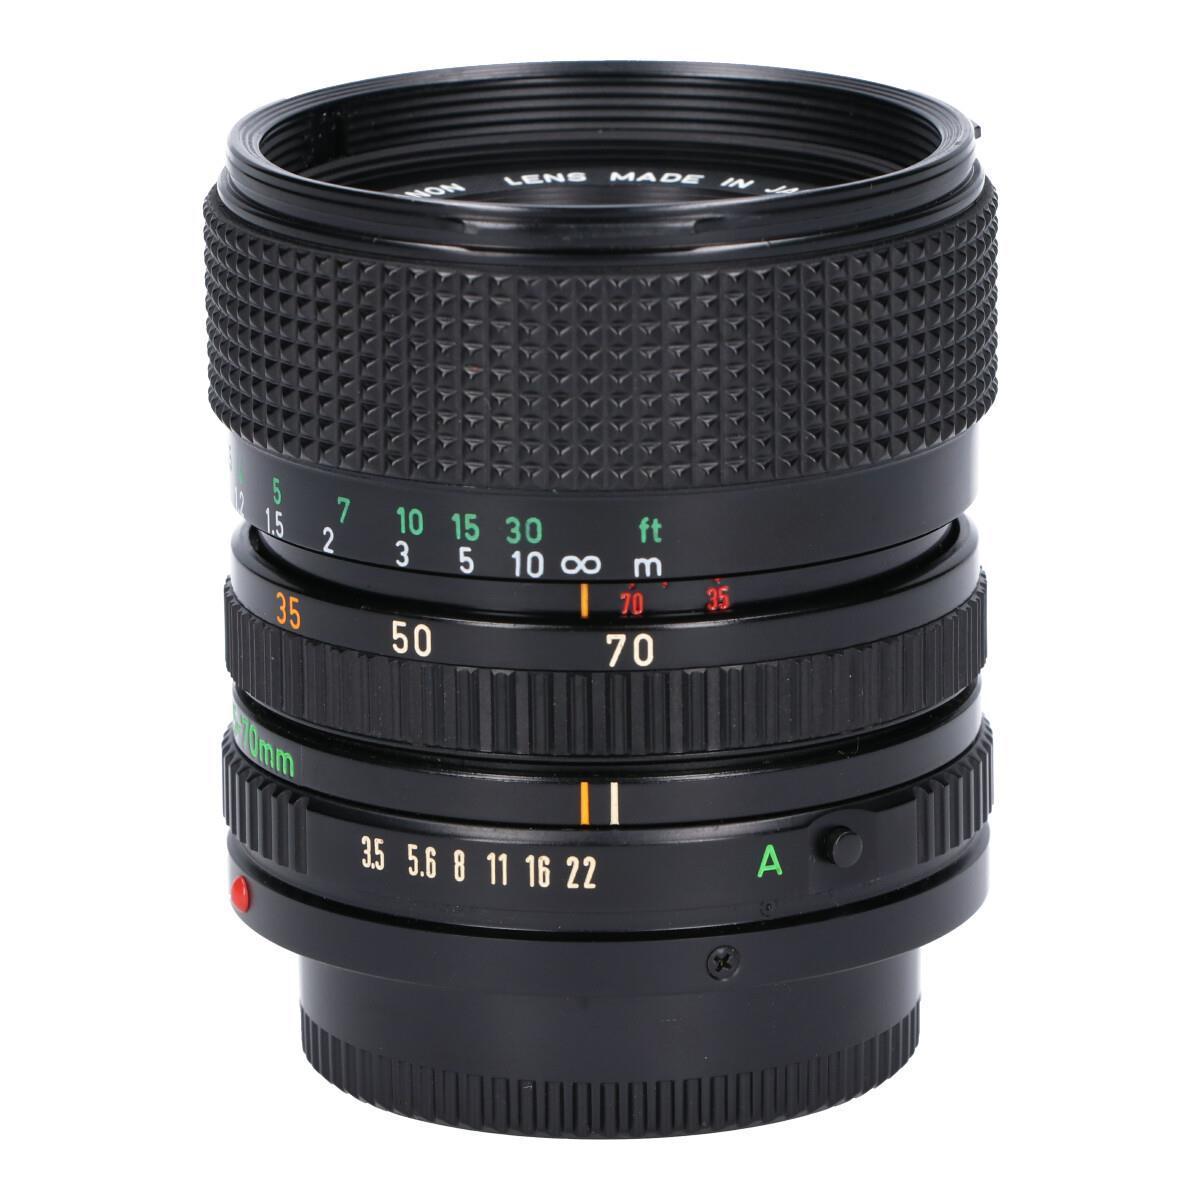 CANON NEW FD35-70mm F3.5-4.5